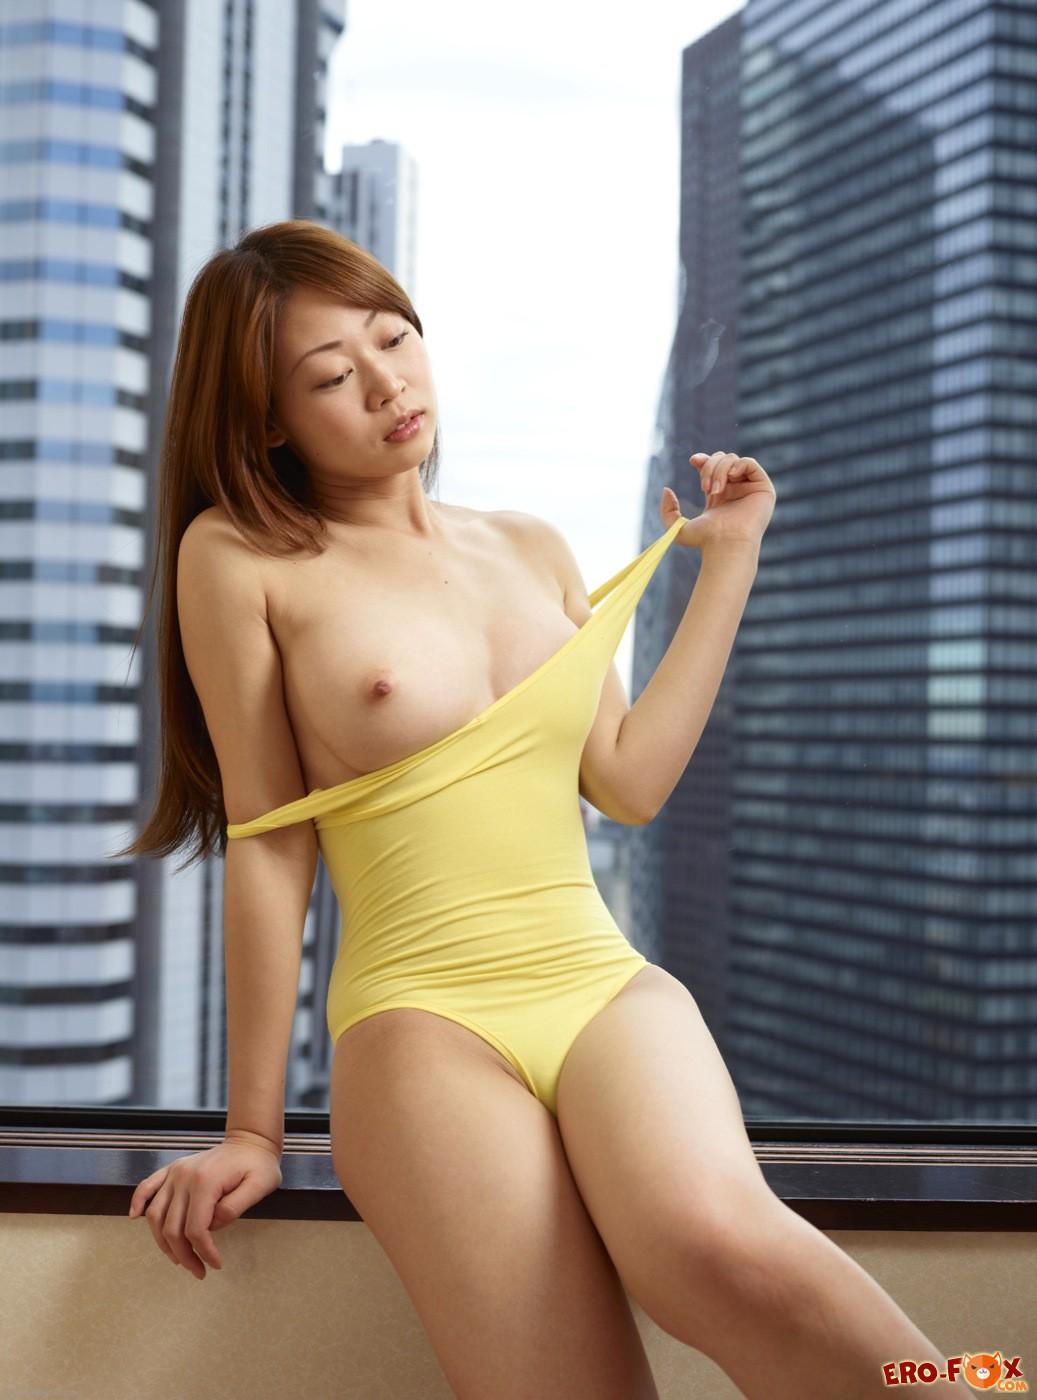 Японка с упругой грудью оголила волосатую письку - фото